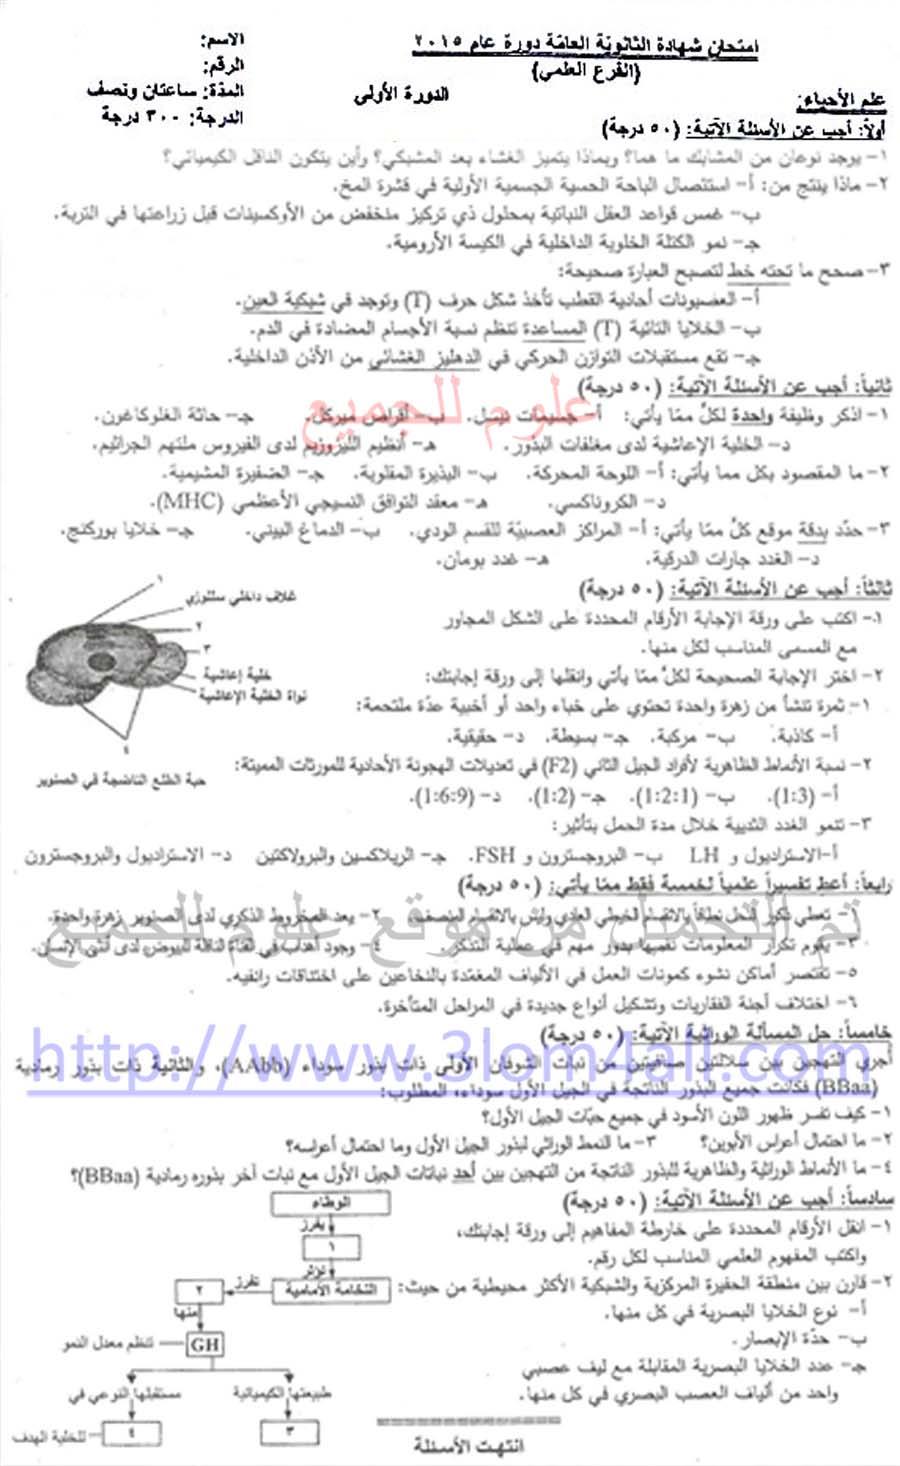 أسئلة امتحان مادة العلوم الطبيعية  الدورة الإضافية الفرع العلمي سوريا  ورقة الامتحان 14643688831.jpeg